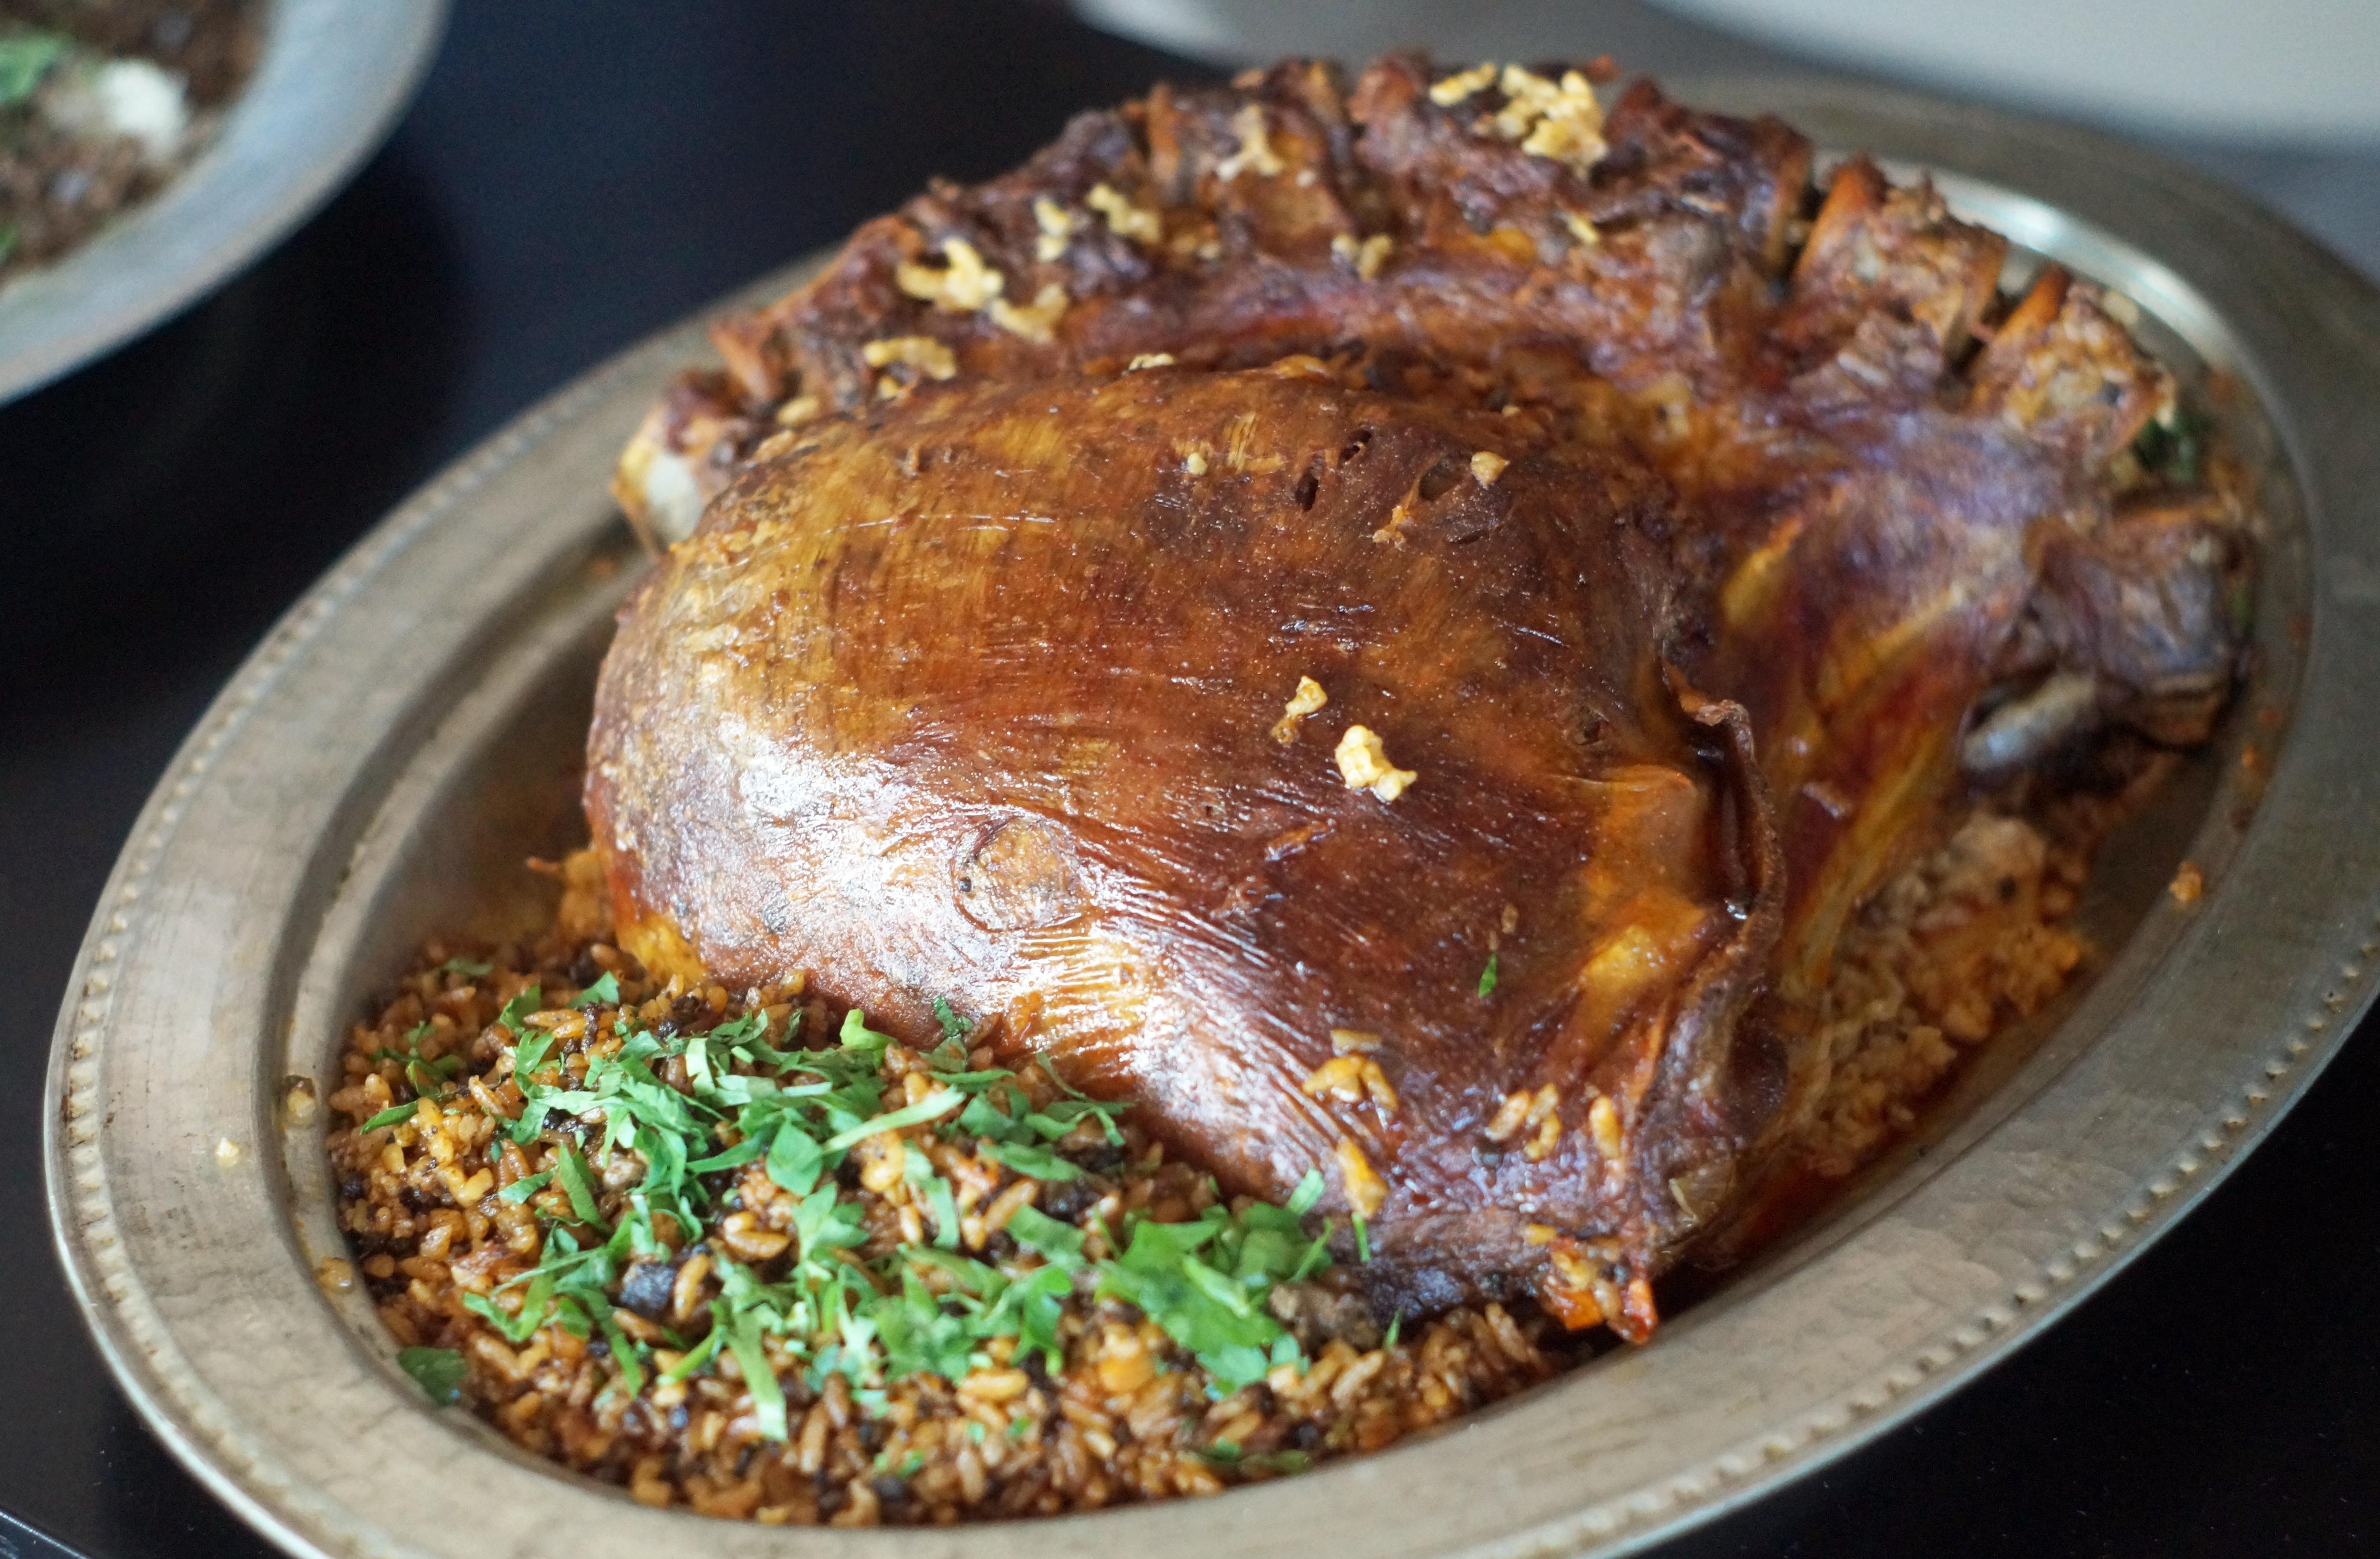 Keçi etinden yapılan iç pilavlı laba dolması, Alanya'nın özgün yemeklerinden